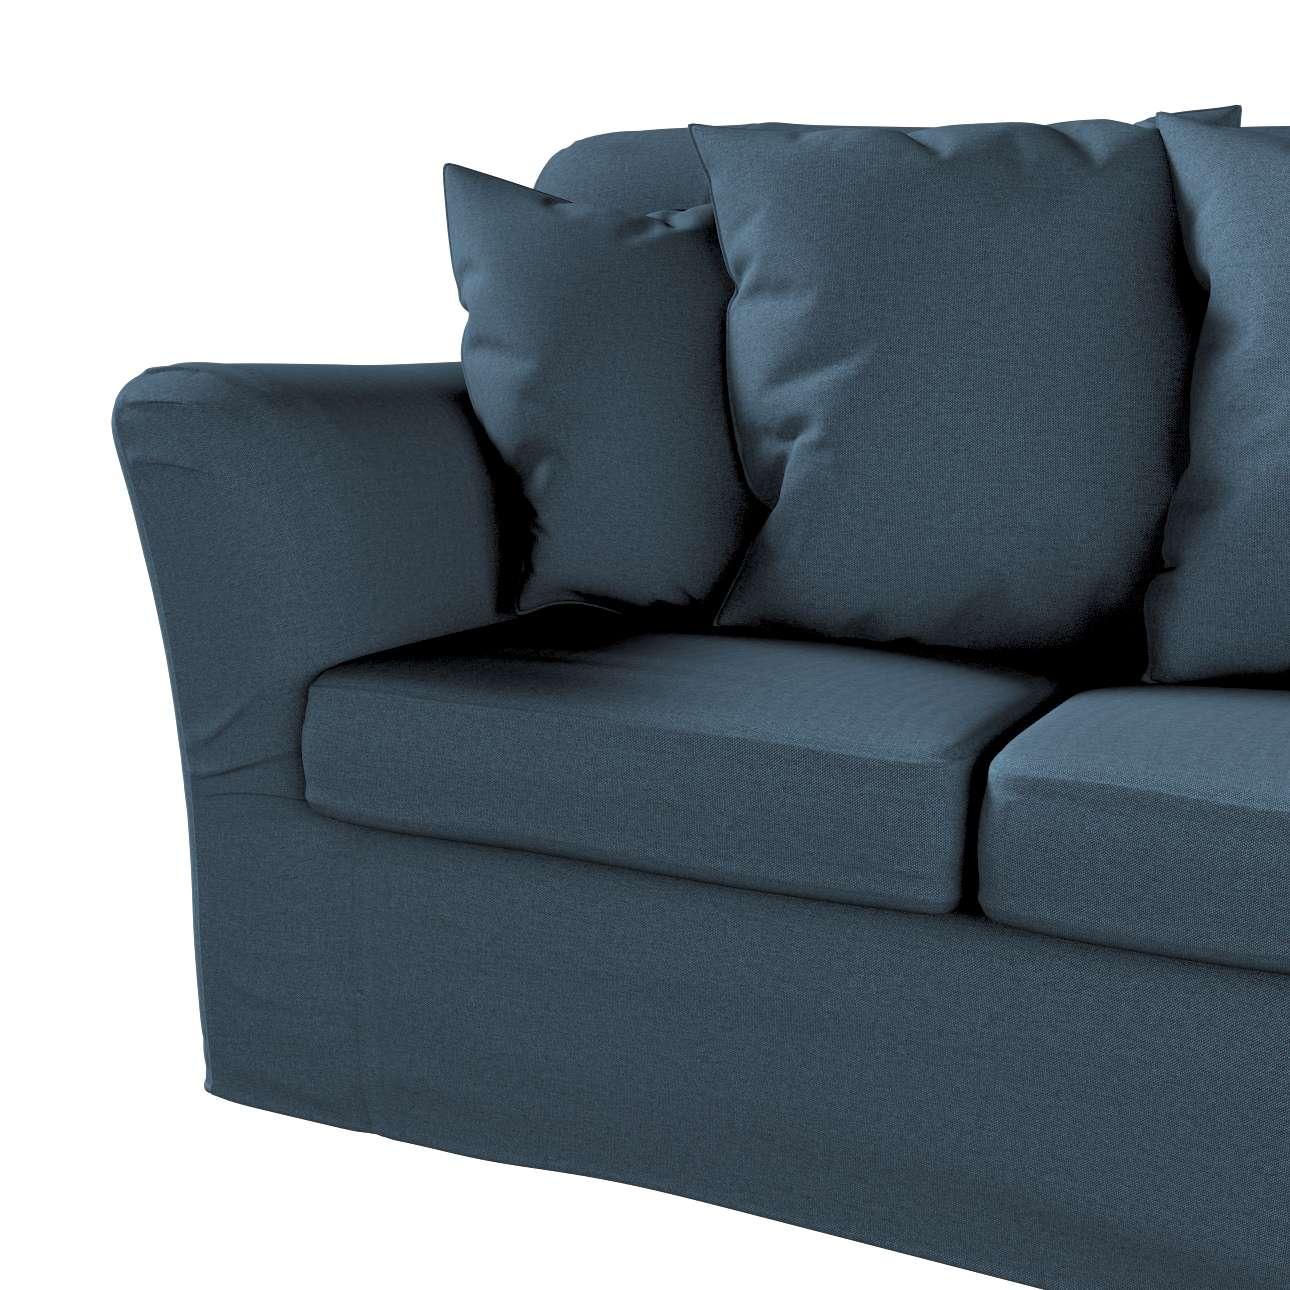 Pokrowiec na sofę Tomelilla 3-osobową nierozkładaną w kolekcji Etna, tkanina: 705-30